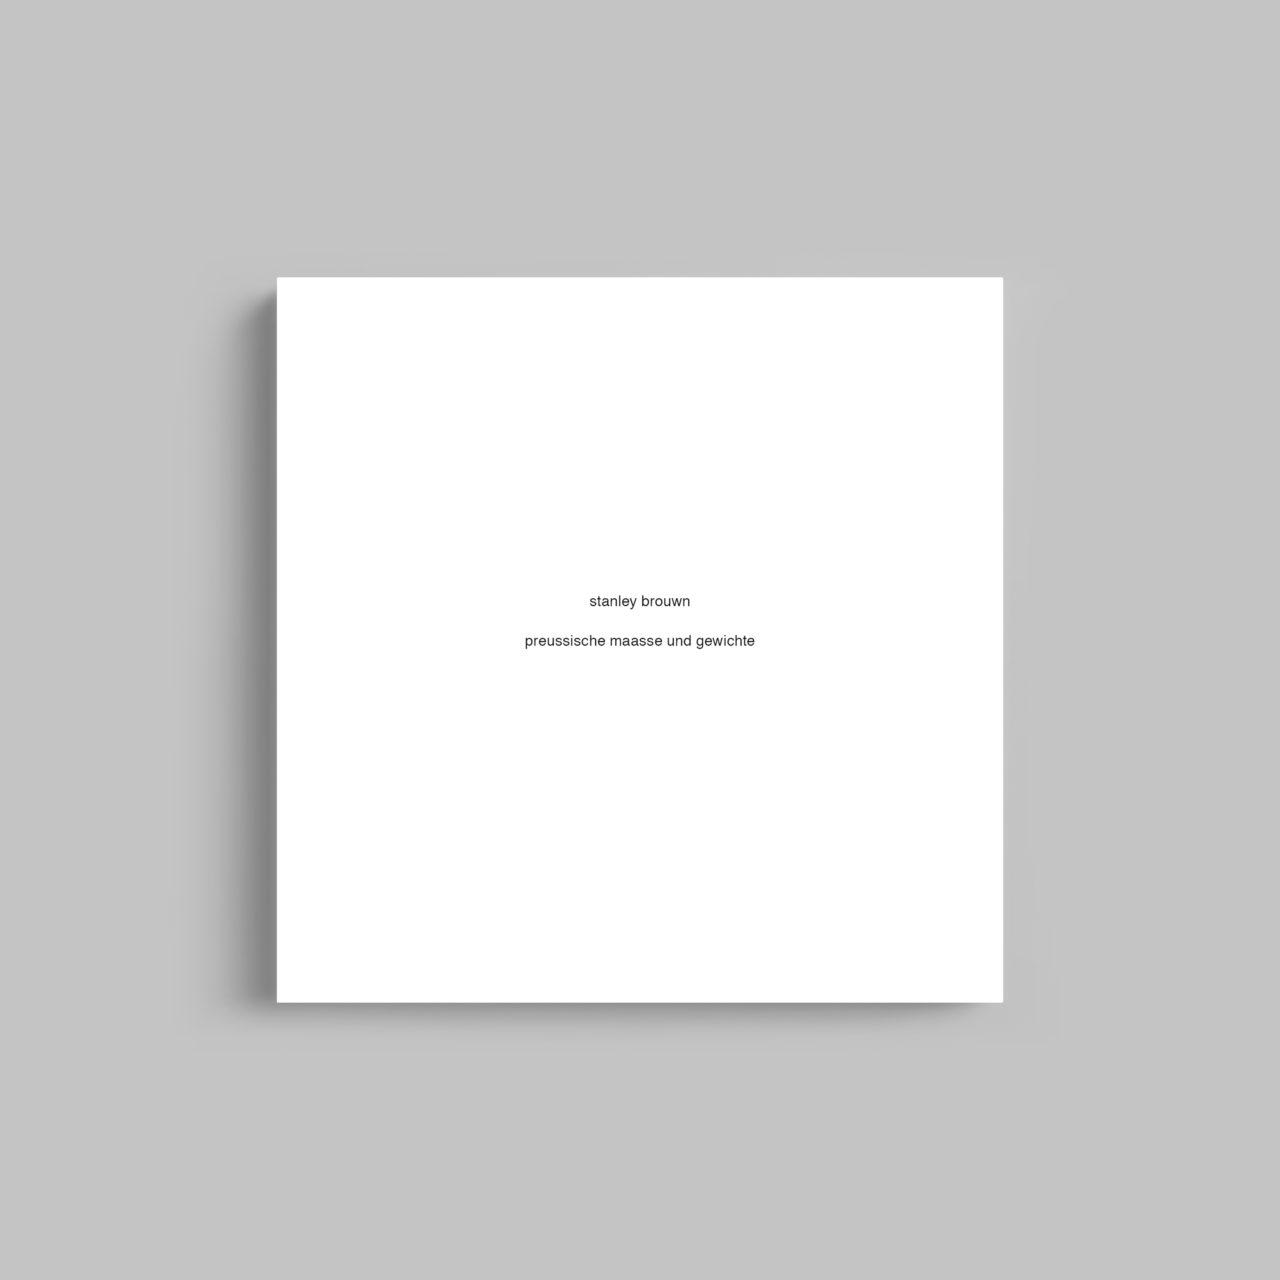 Stanley Brouwn: Preussische Maasse und Gewichte, Wiens Verlag (2013)